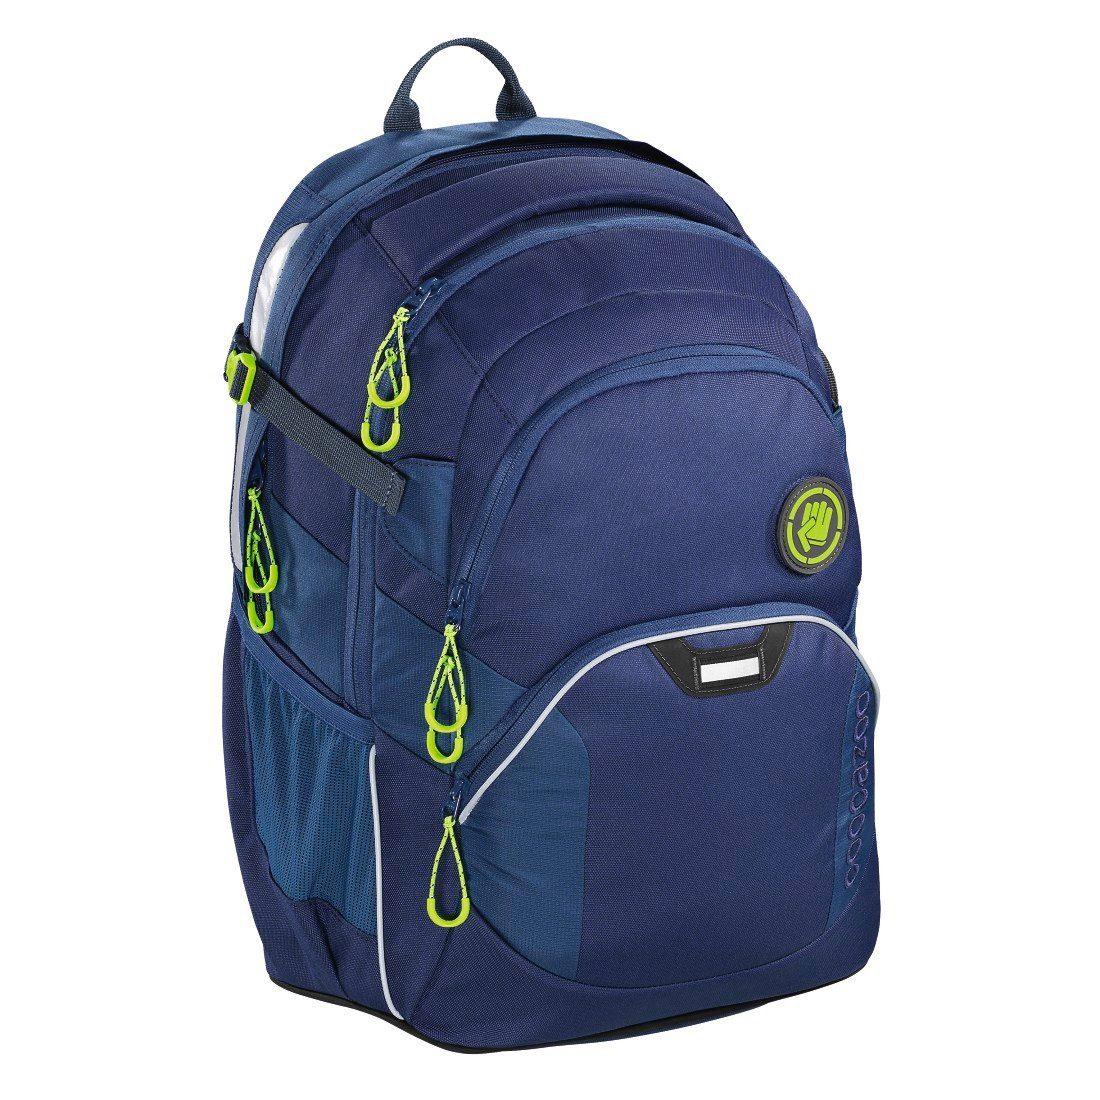 coocazoo Coocazoo Rucksack ´´JobJobber2´´ mit Laptopfach, Seaman »Außenmaße 30 x 45 x 20 cm« | Taschen > Rucksäcke > Sonstige Rucksäcke | Mehrfarbig | COOCAZOO